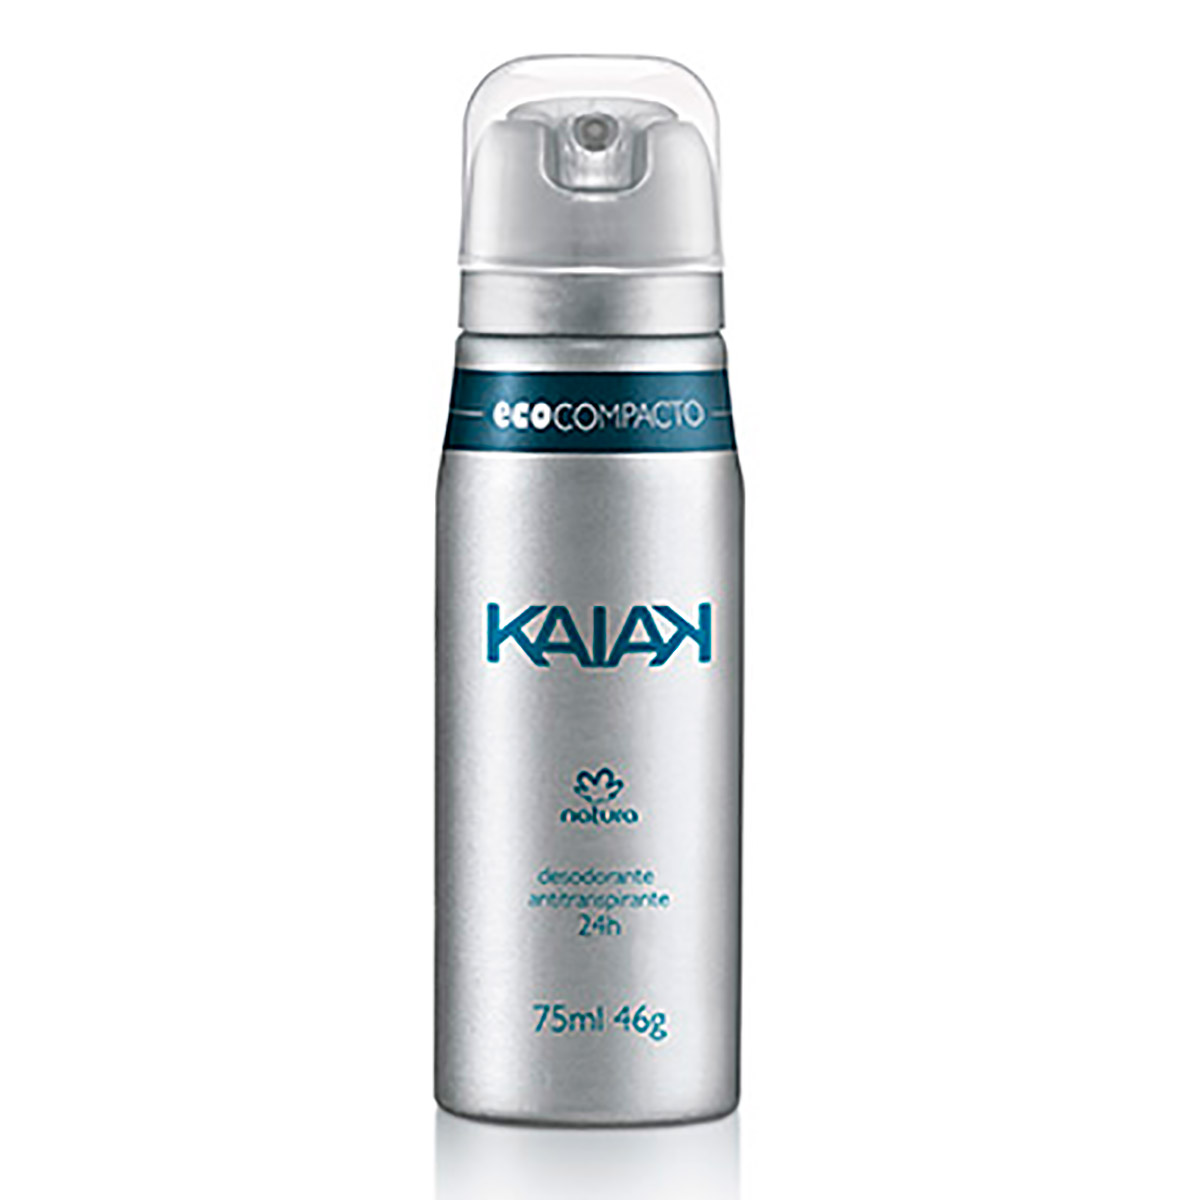 Desodorante Antitranspirante Aerossol Kaiak - 75ml/46g - 46439